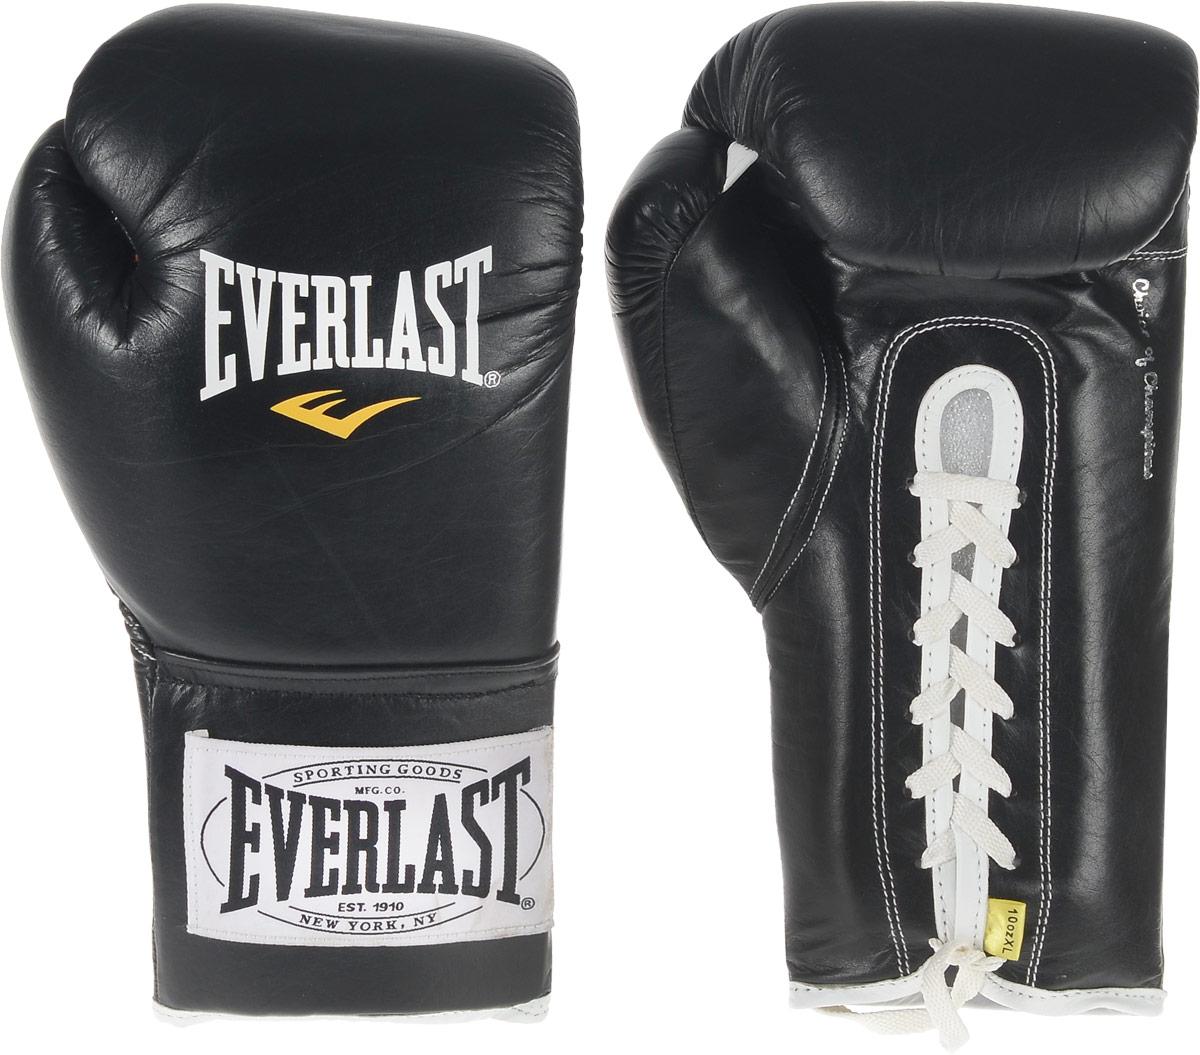 Перчатки боевые Everlast 1910 Fight, цвет: черный, белый. Вес 10 унций. 291001291001Классическая модель перчаток Everlast 1910 Fight создана специально для поединков на профессиональном ринге с учетом всех регламентов и требований, предъявляемых к такой экипировке. Выполнены из натуральной кожи. Набивка из многослойного пенного наполнителя обеспечивает достаточно высокий уровень защиты рук спортсмена и снижает жесткость перчаток. Удобное положение руки в перчатке не требует усилий для сжатия кулака, что позволит вам наносить более жесткие удары при меньших энергозатратах. Данные перчатки прошли сертификацию и получили одобрение к использованию от всех американских и Международных боксерских организаций и федераций включая WBC, IBO, WBA, WBO и IBF.